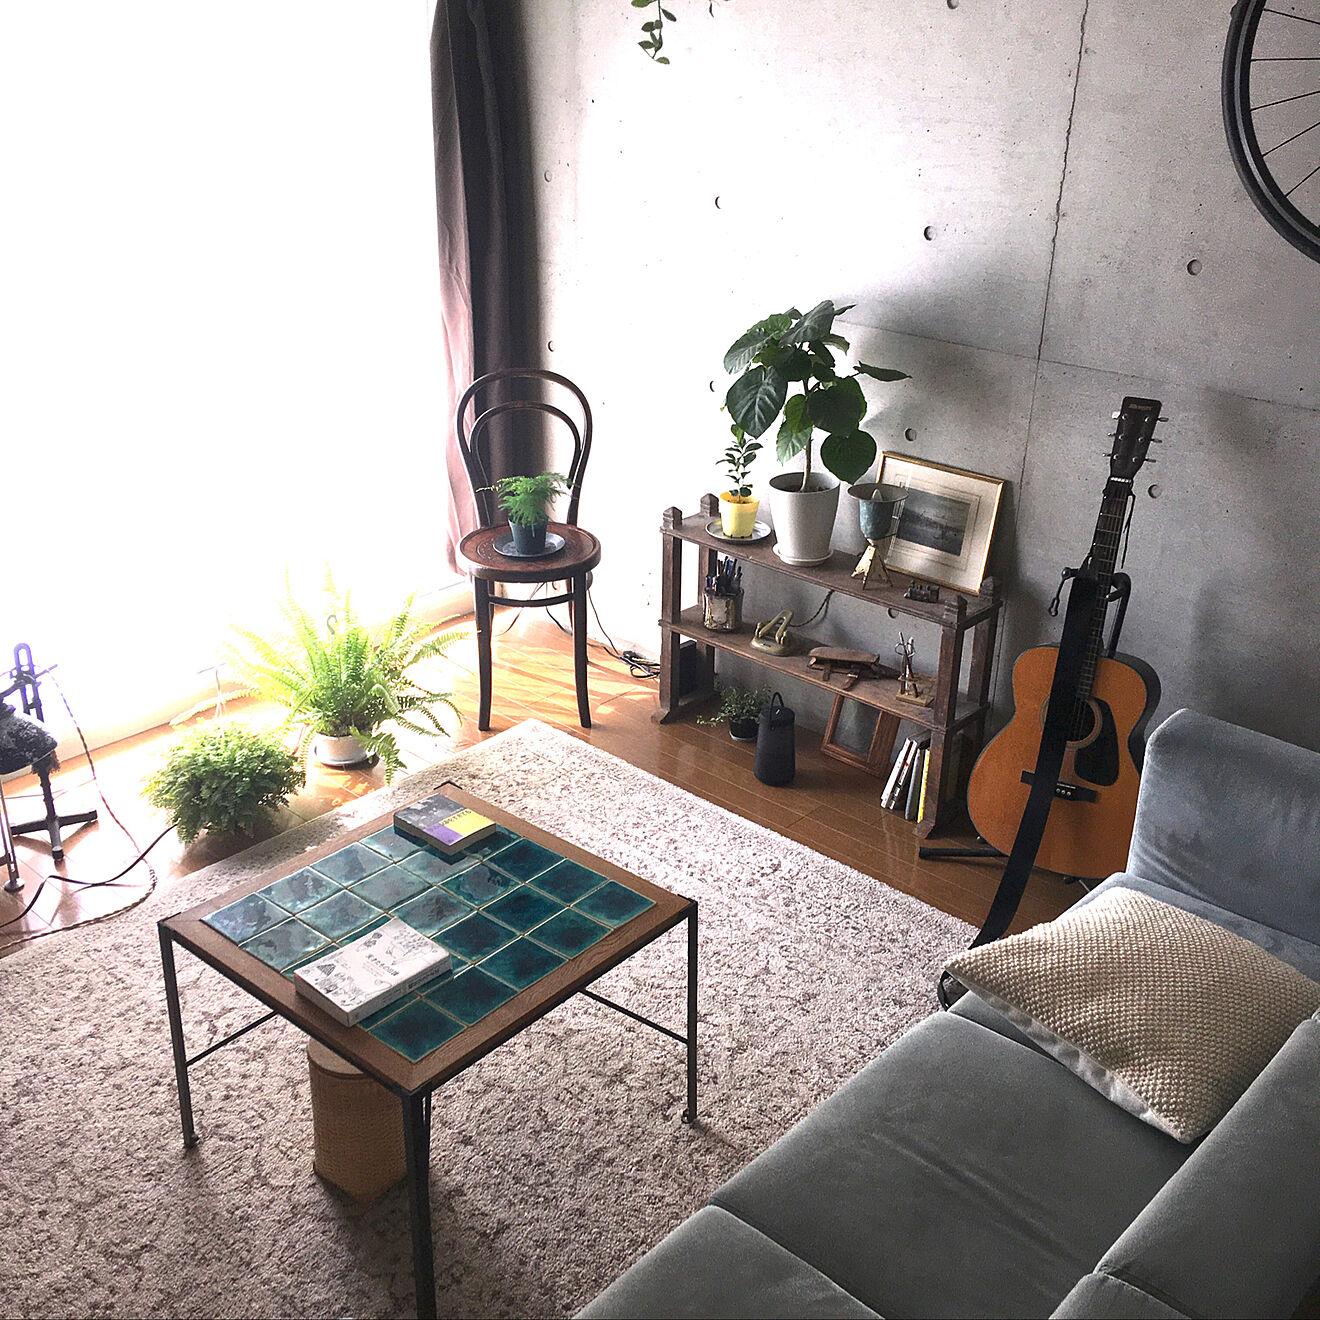 「30m2。開放感たっぷりに趣と植物、音を味わうくつろぎのワンルーム」 by uhyoさん